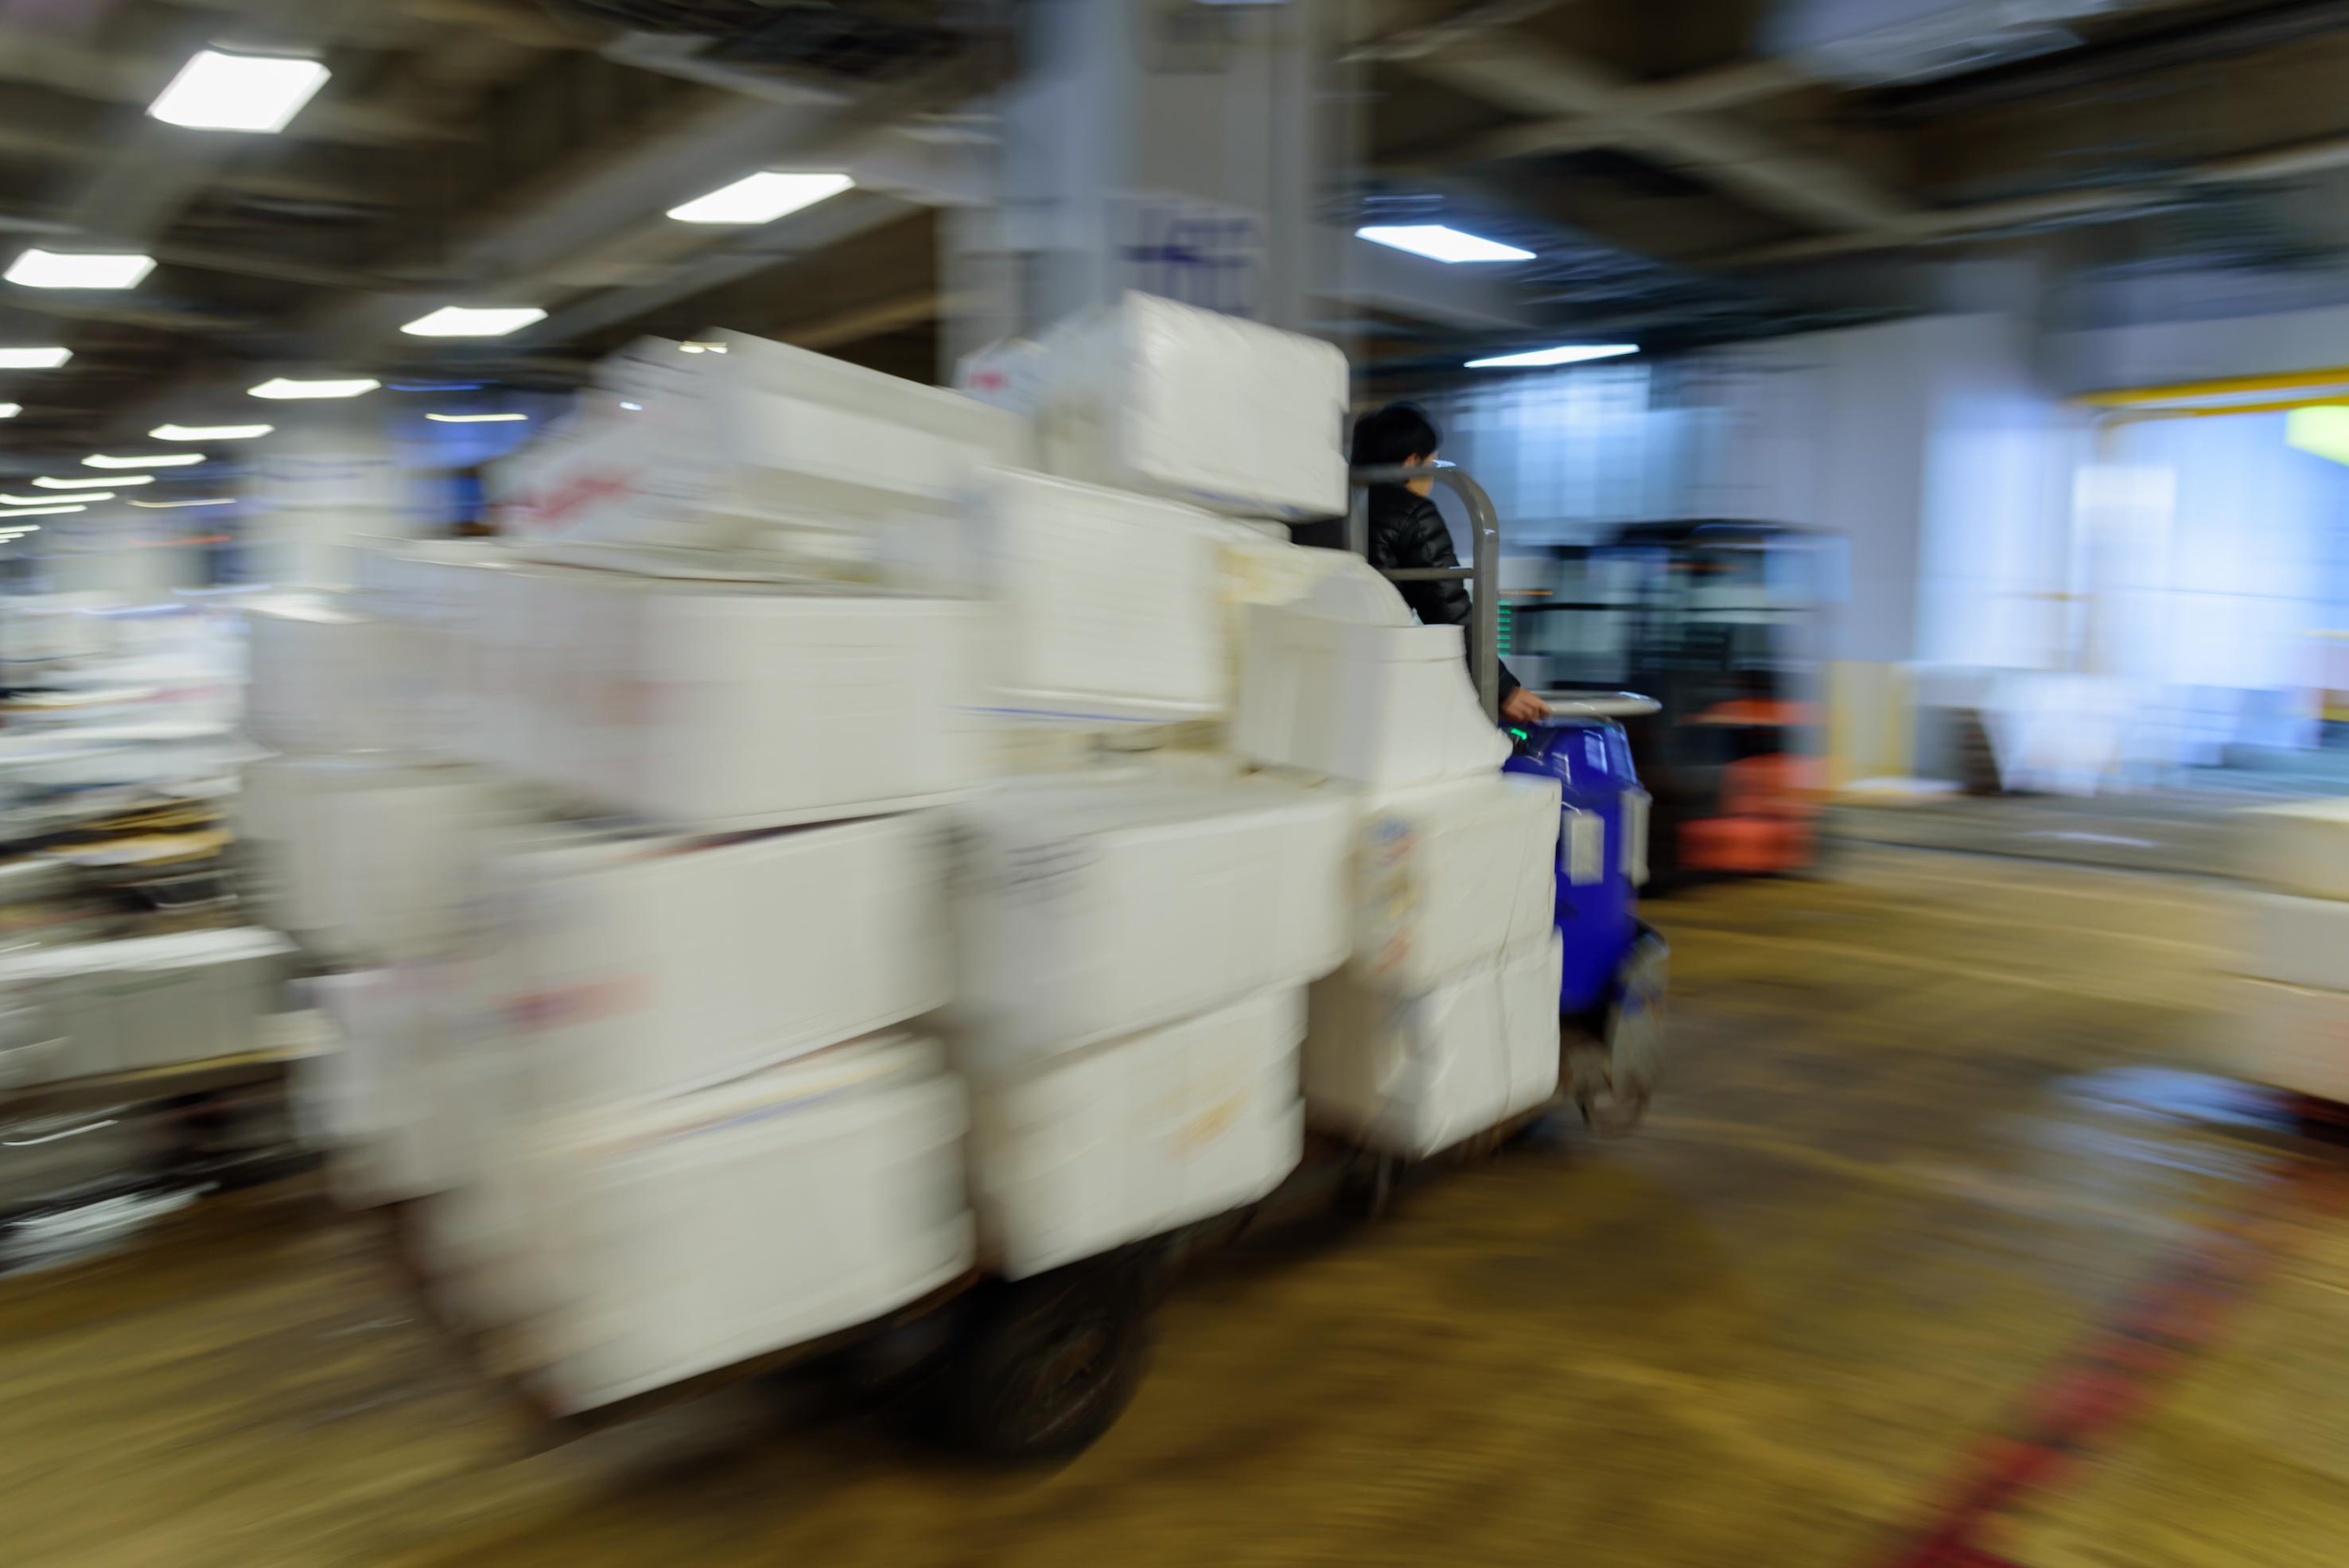 物流業界で問題視される荷待ち時間とは —— 概要や記録の義務化について解説